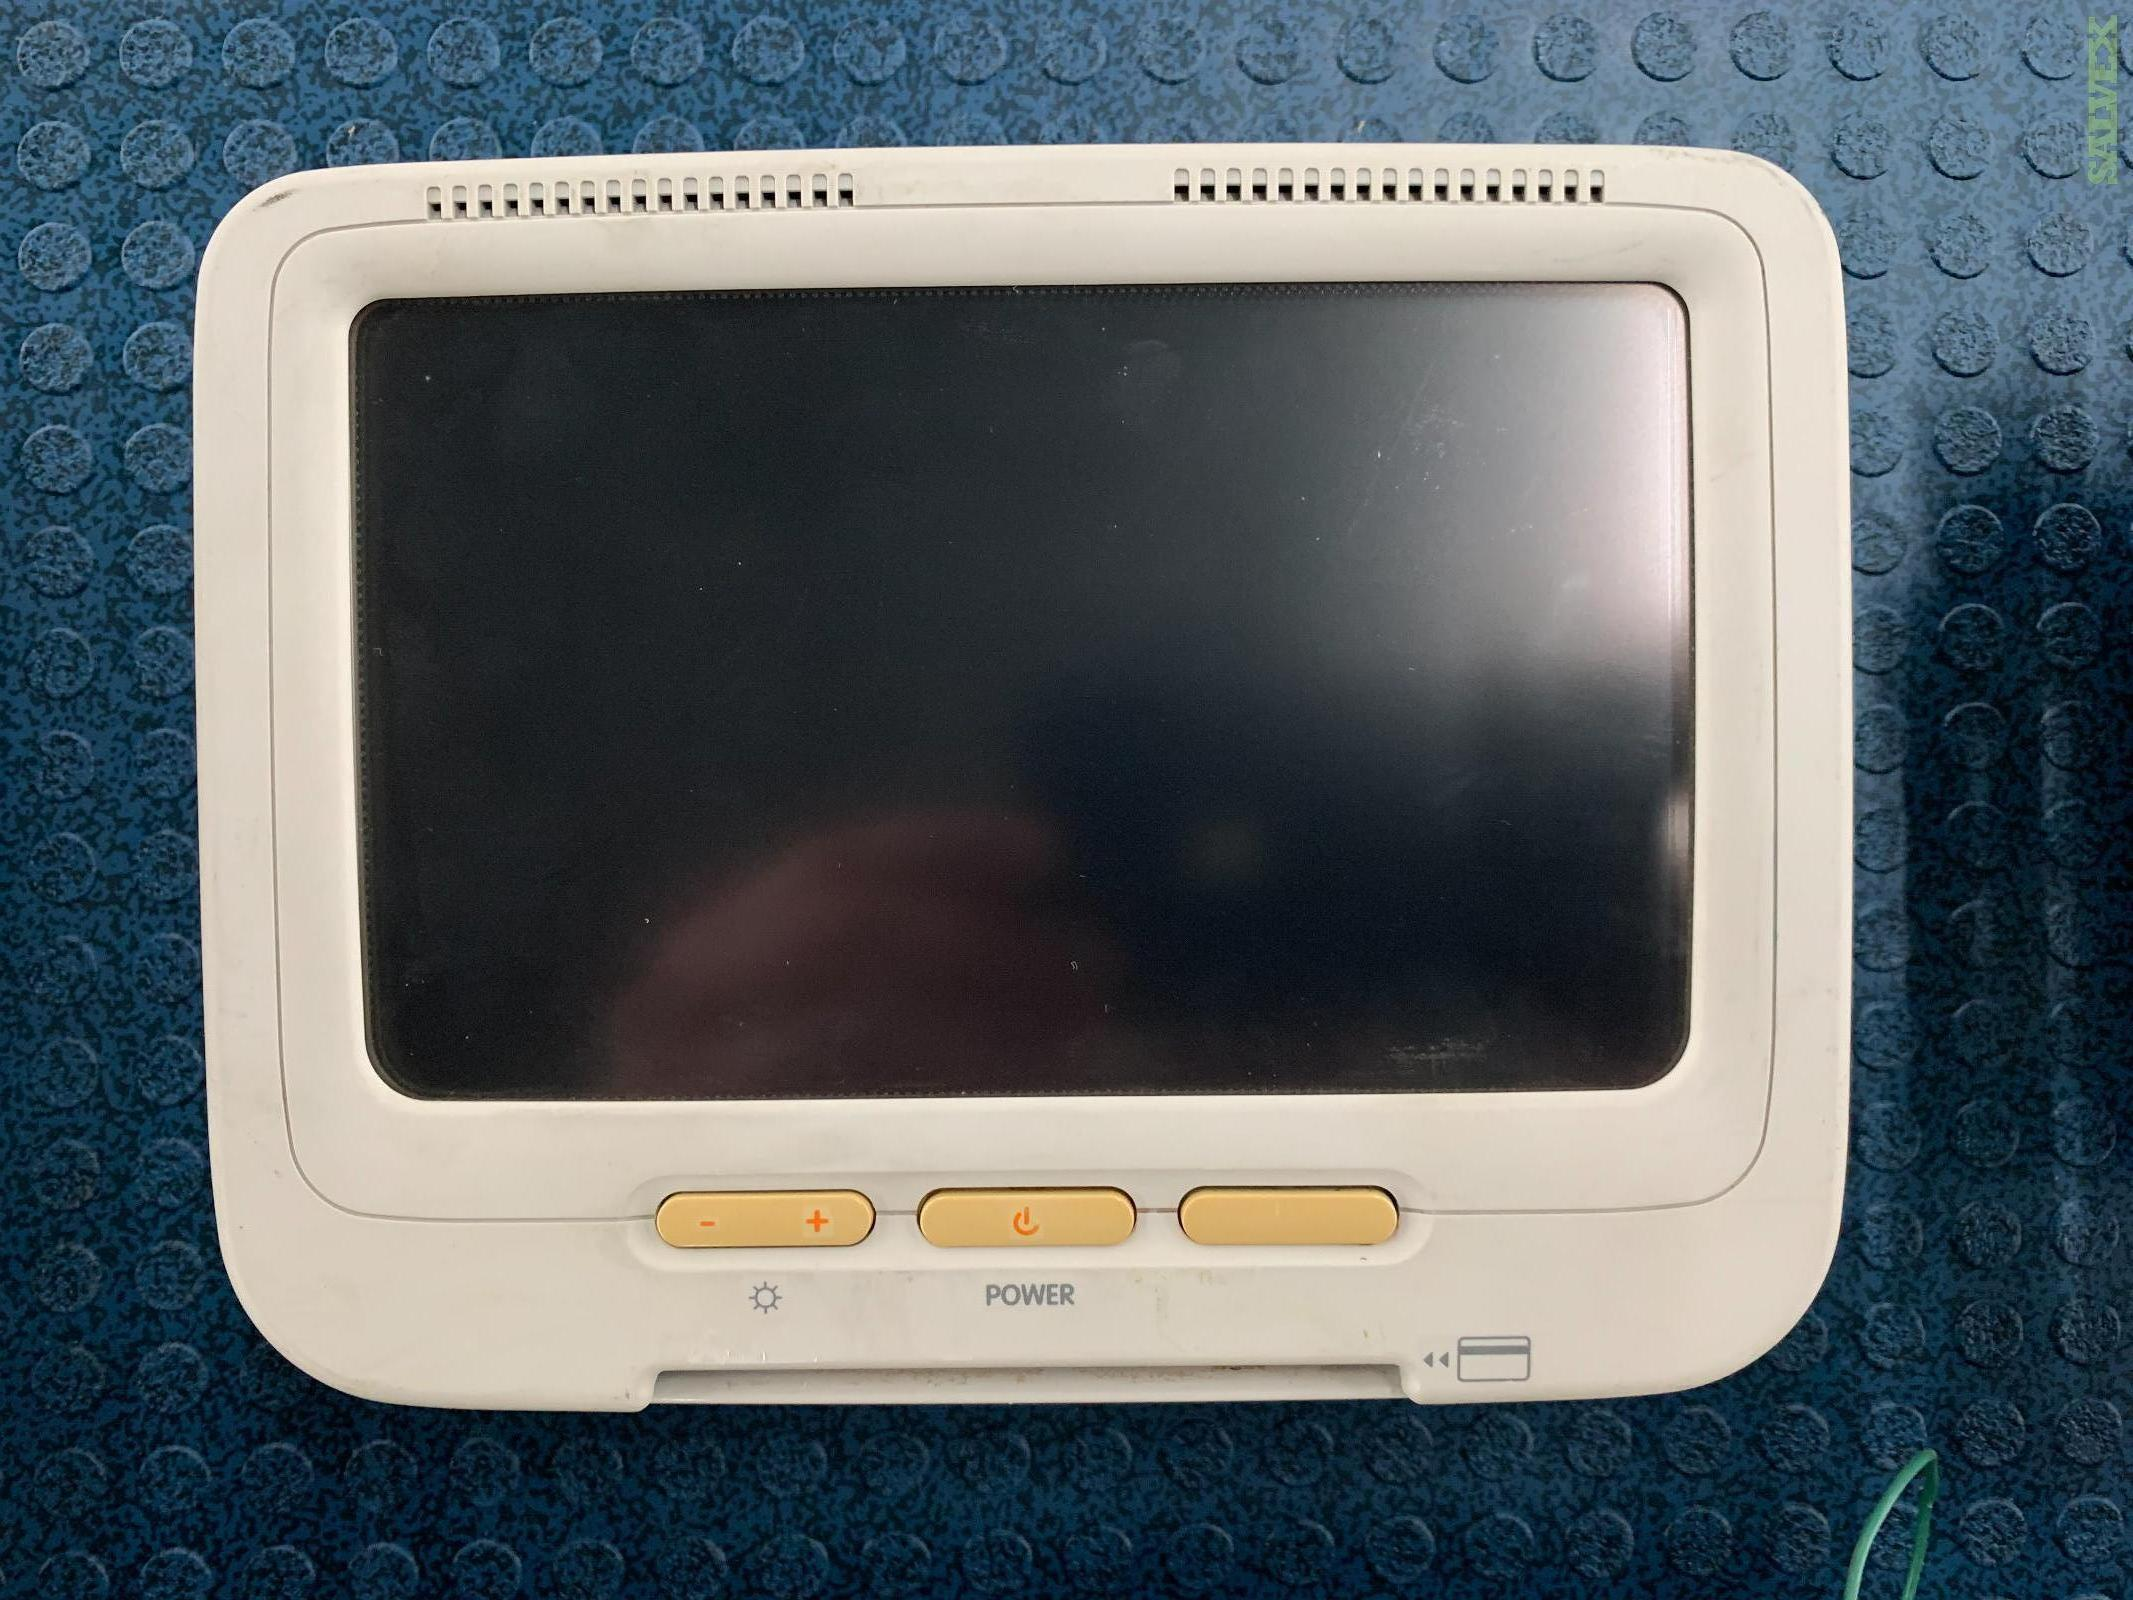 Aircraft LCD Monitor PN RD-KW7777-01 (100 Units)